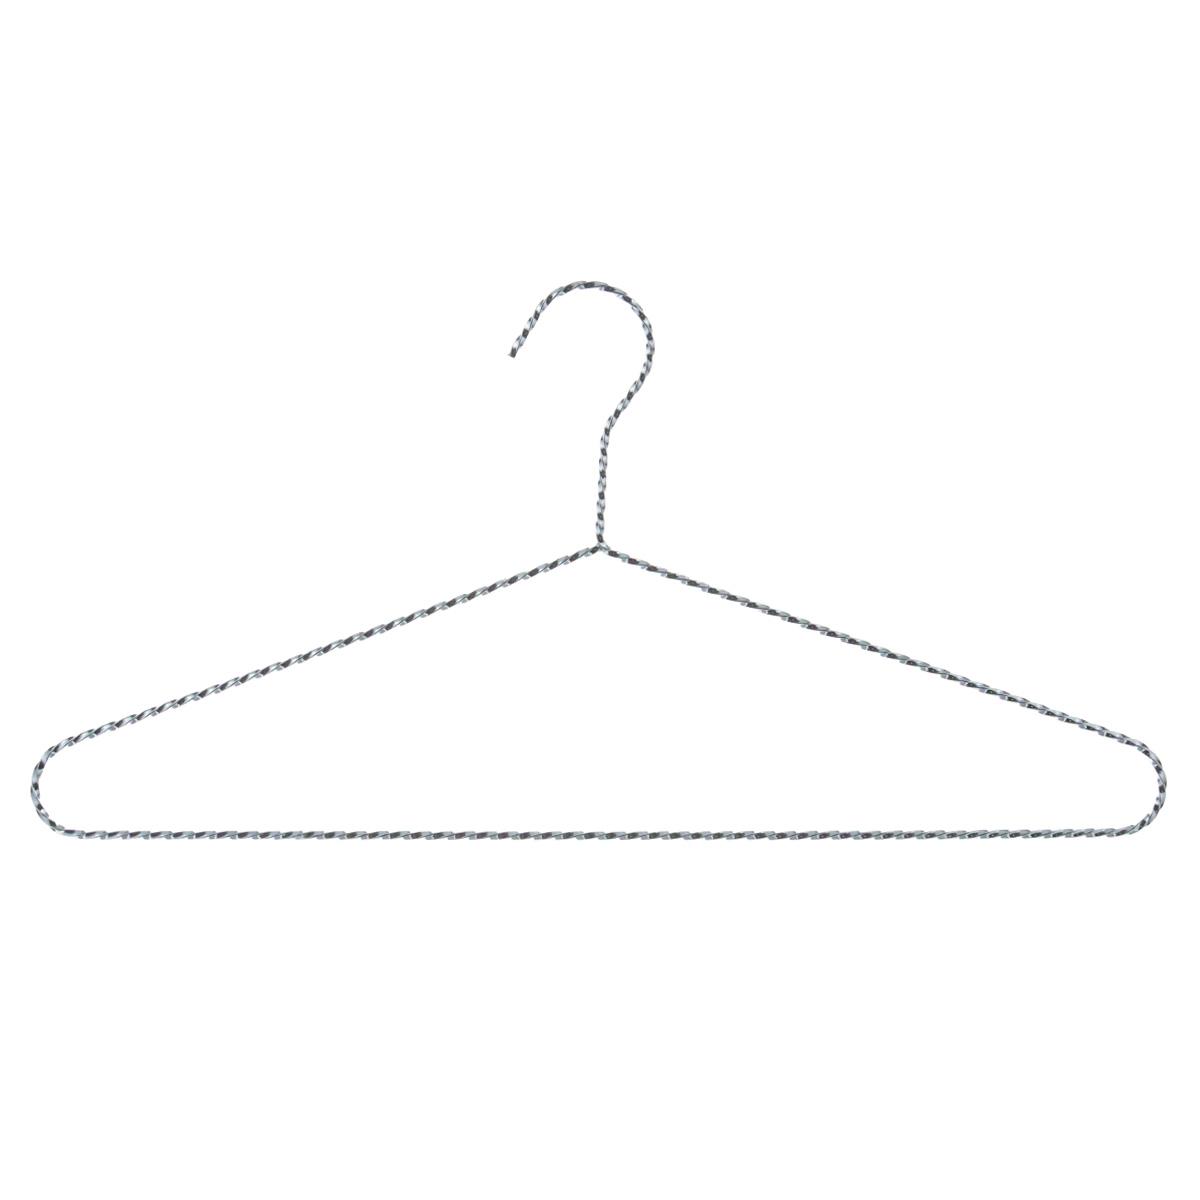 Вешалка с перекладиной Flatel. FHM463CFHM463CВешалка Flatel, изготовленная из прочного металла, идеально подойдет для разного вида одежды. Изделие оснащено перекладиной. Вешалка - это незаменимая вещь для того, чтобы ваша одежда всегда оставалась в хорошем состоянии.